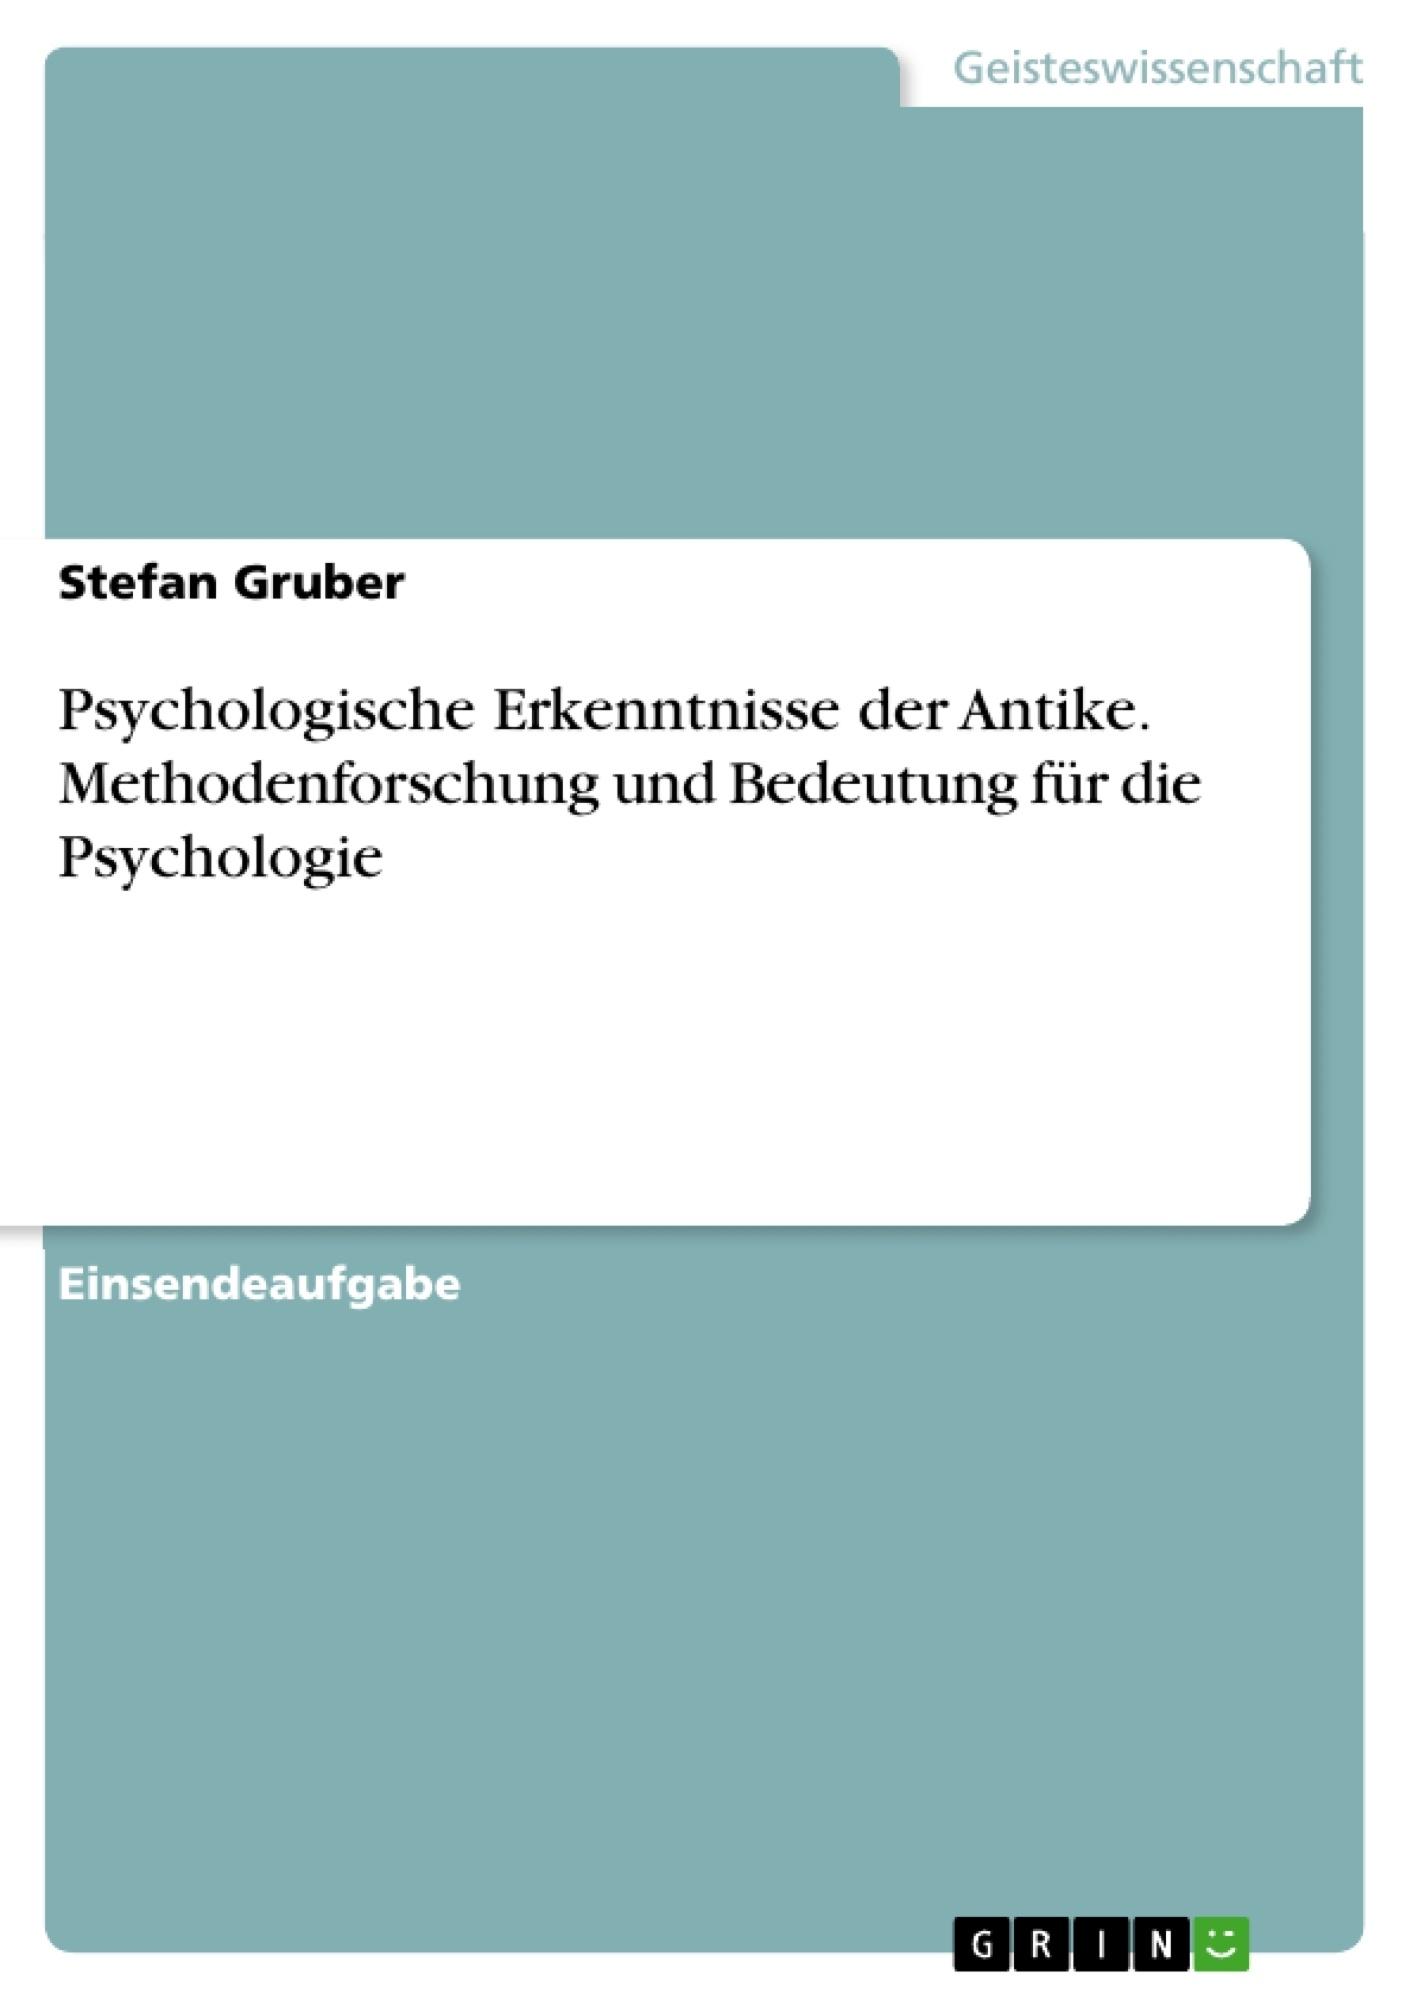 Titel: Psychologische Erkenntnisse der Antike. Methodenforschung und Bedeutung für die Psychologie